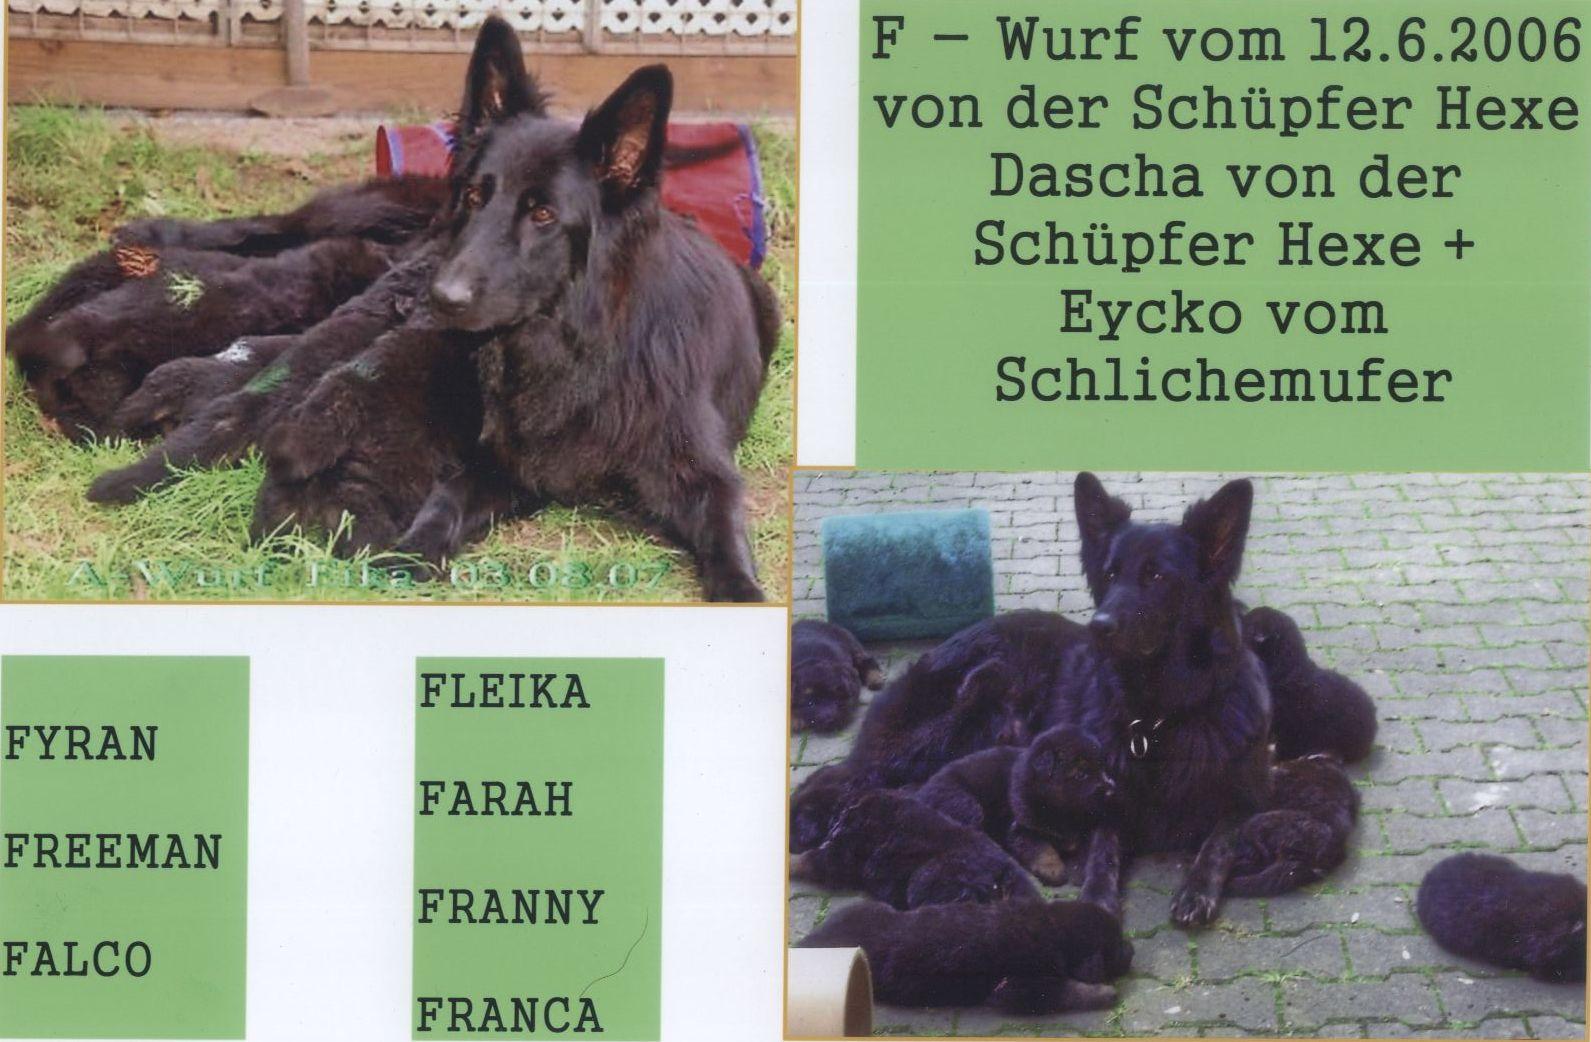 F-Wurf Schüpfer Hexe